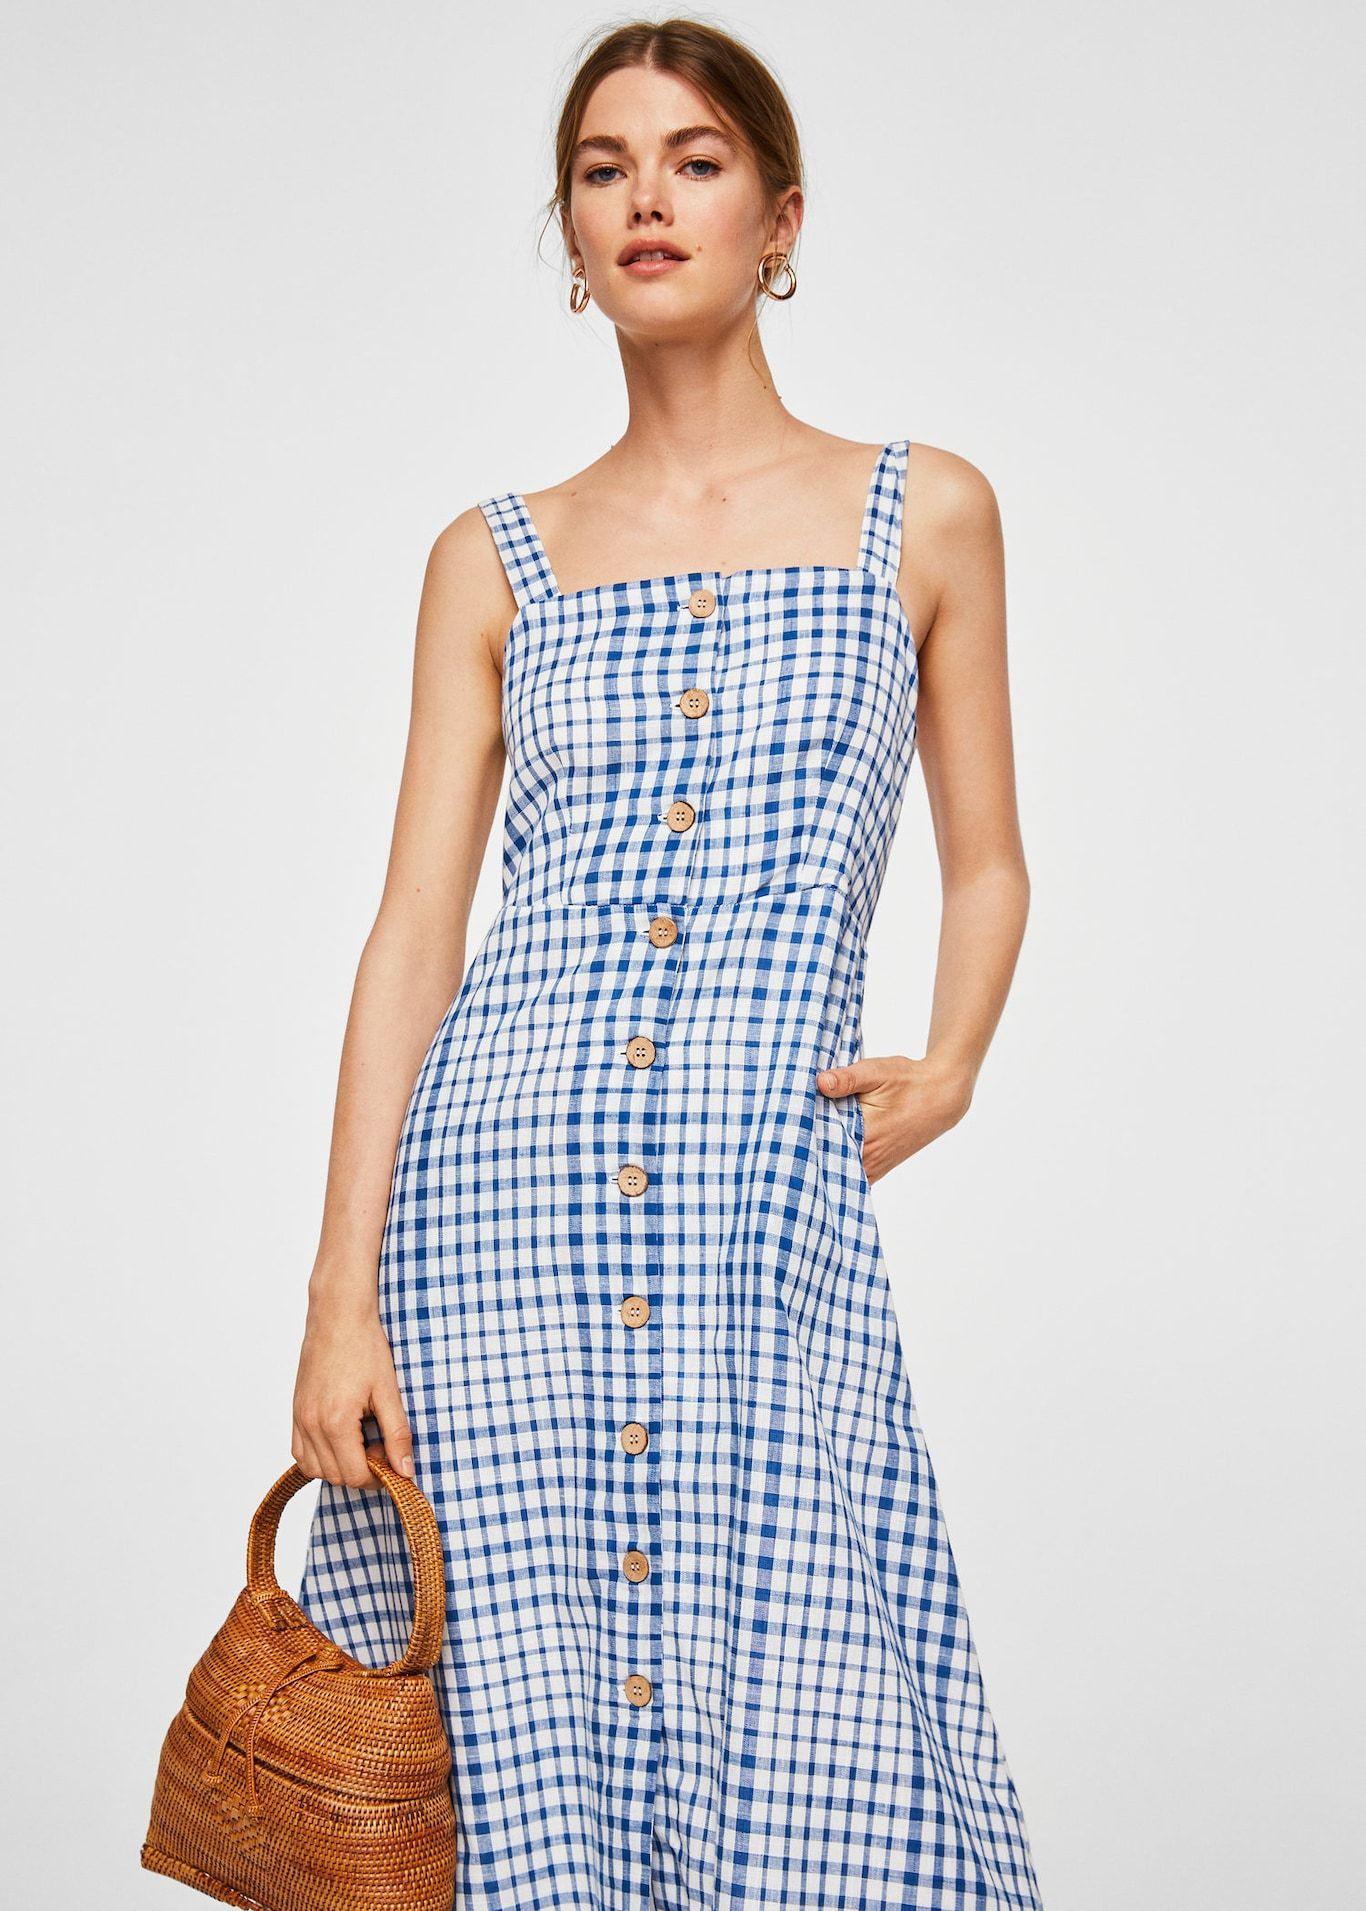 20 Einfach Kleider Midi Sommer Stylish17 Schön Kleider Midi Sommer Spezialgebiet